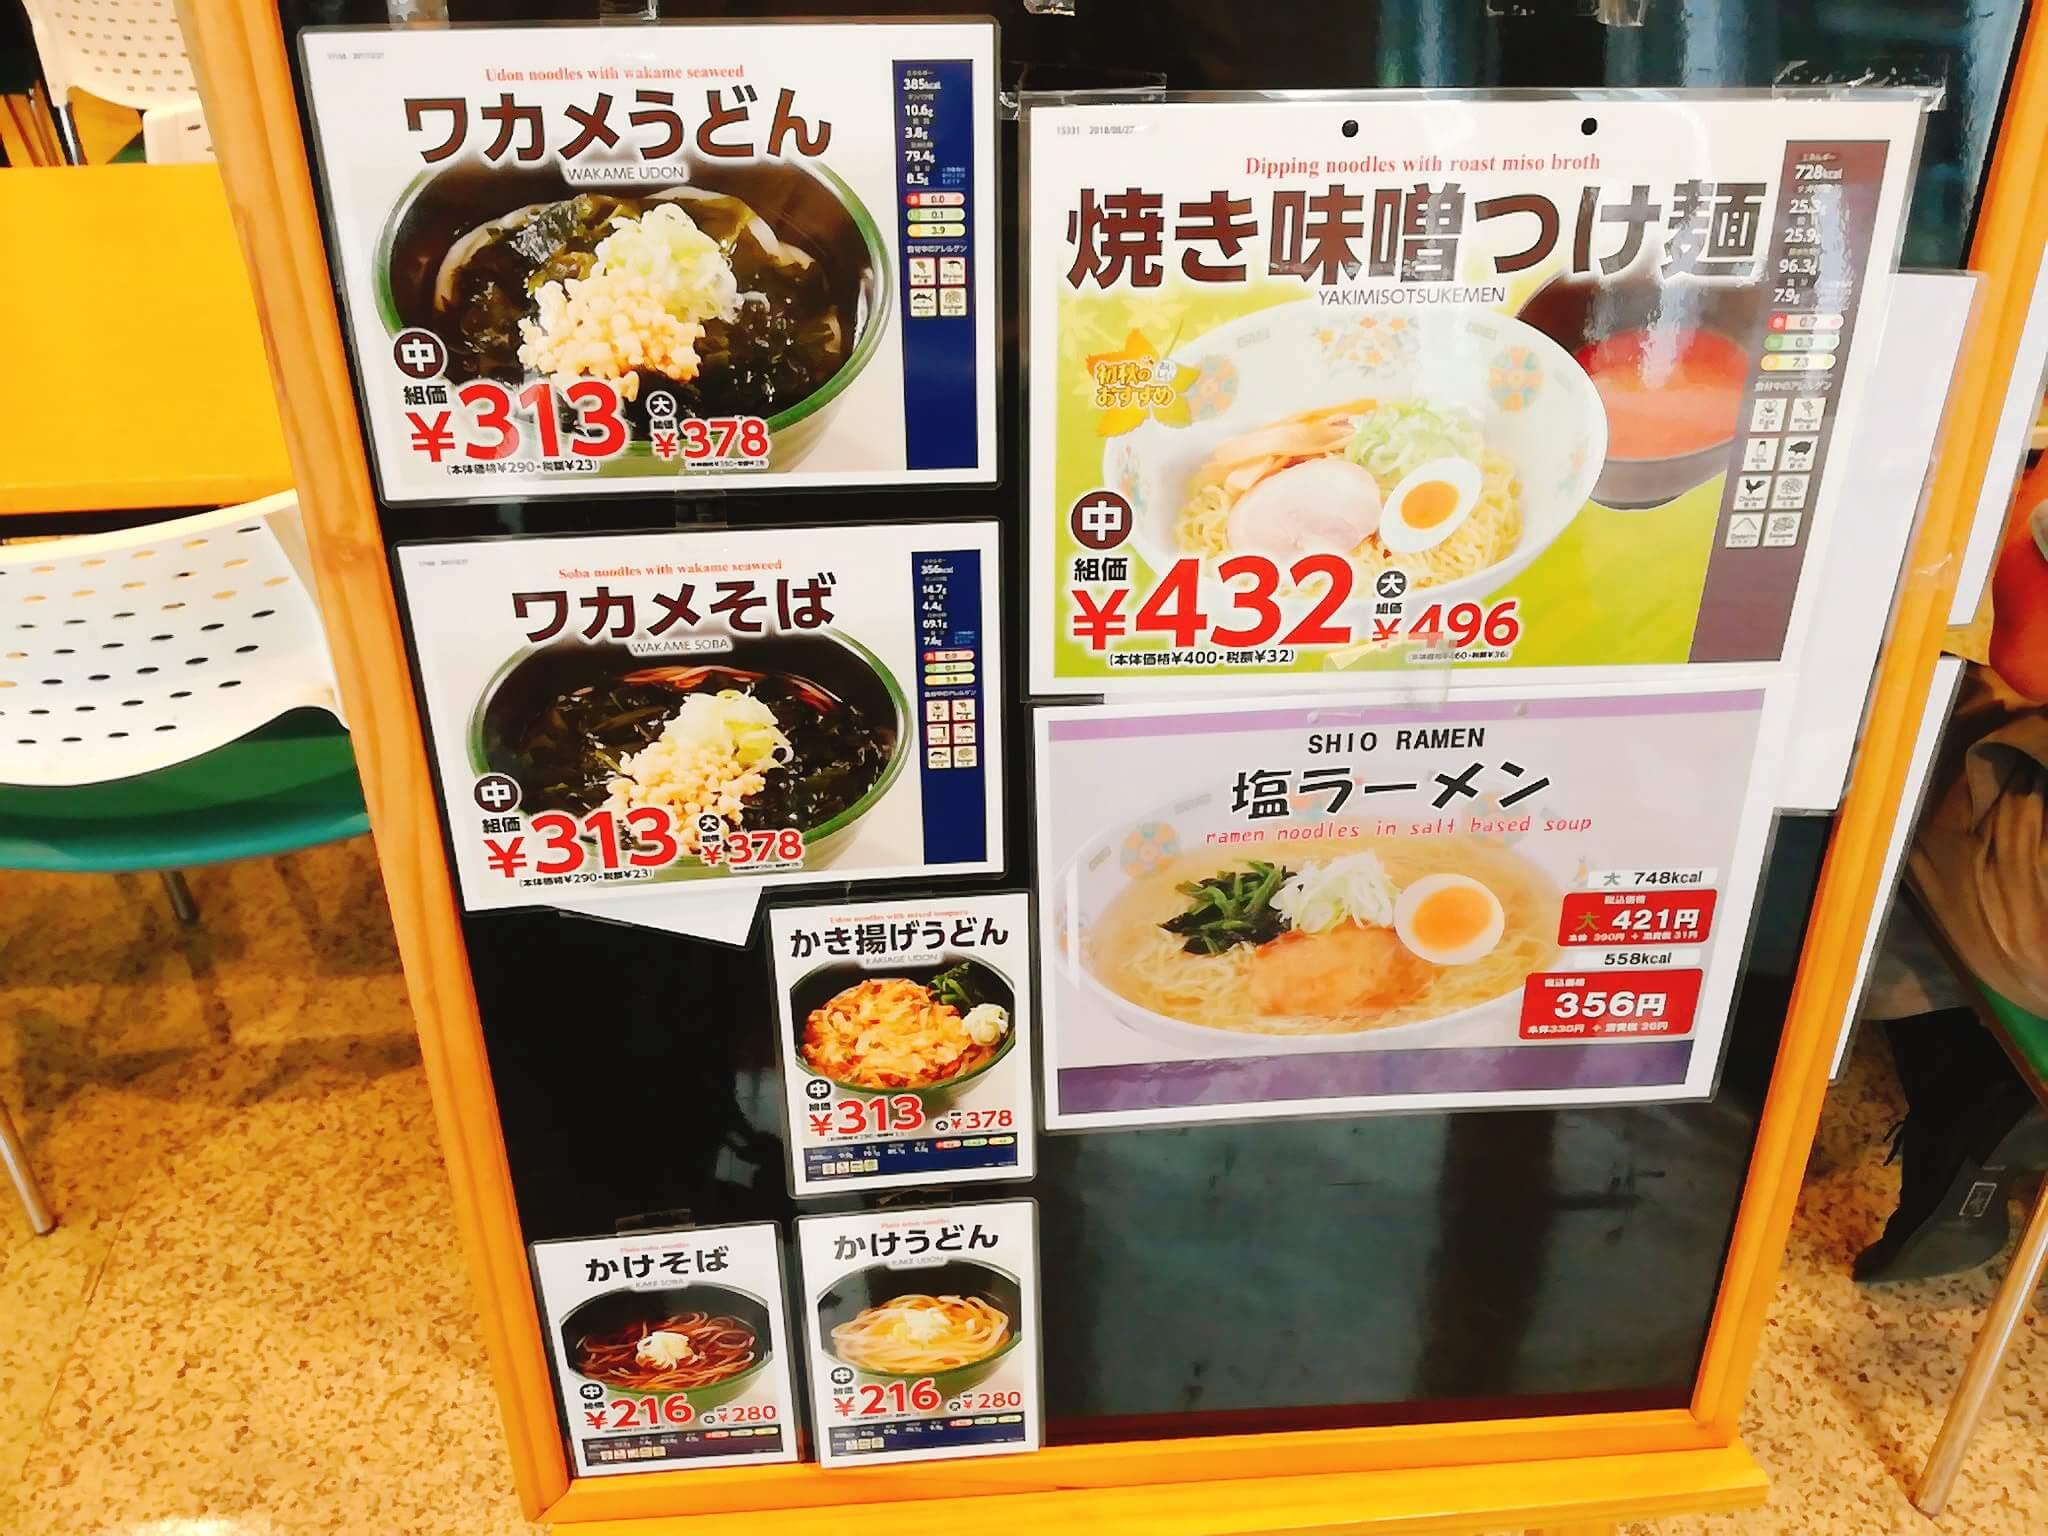 東京農業大学のカフェテリア「グリーン」のメニュー